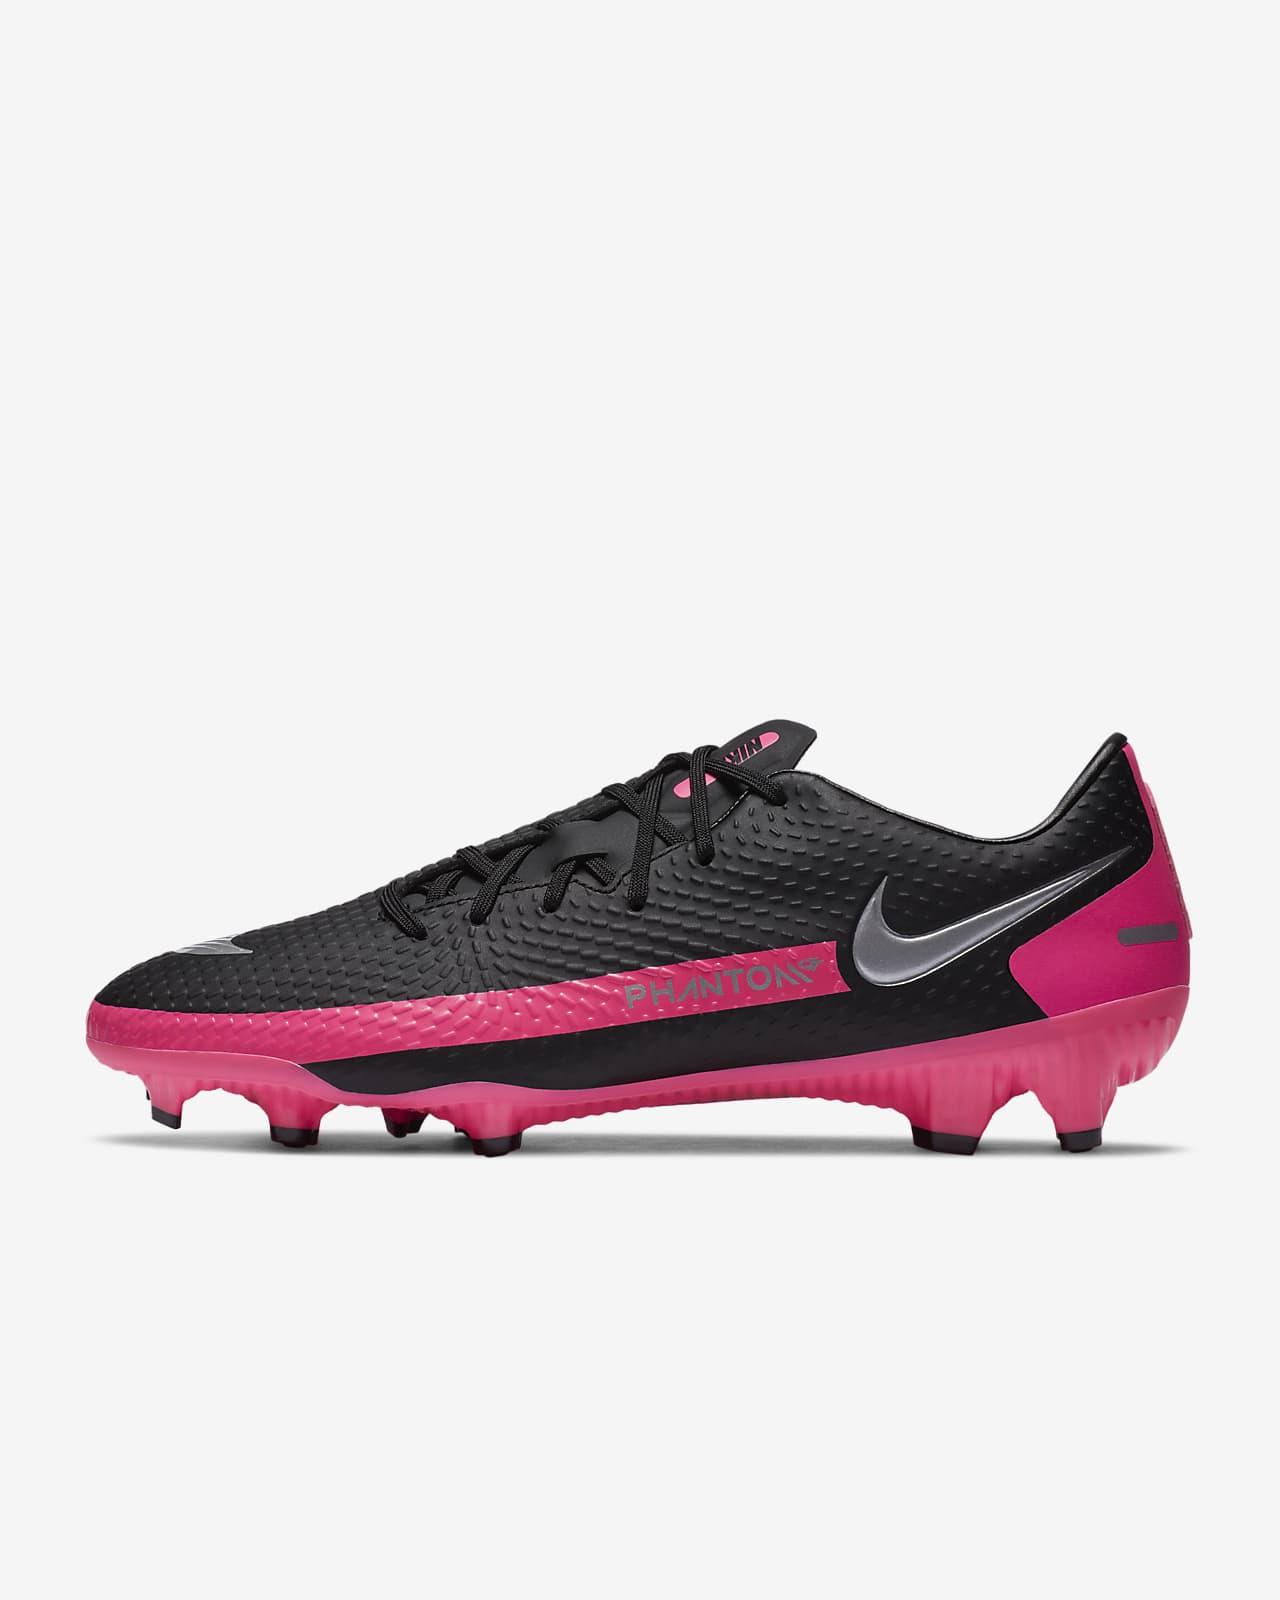 Fotbollssko för varierat underlag Nike Phantom GT Academy MG